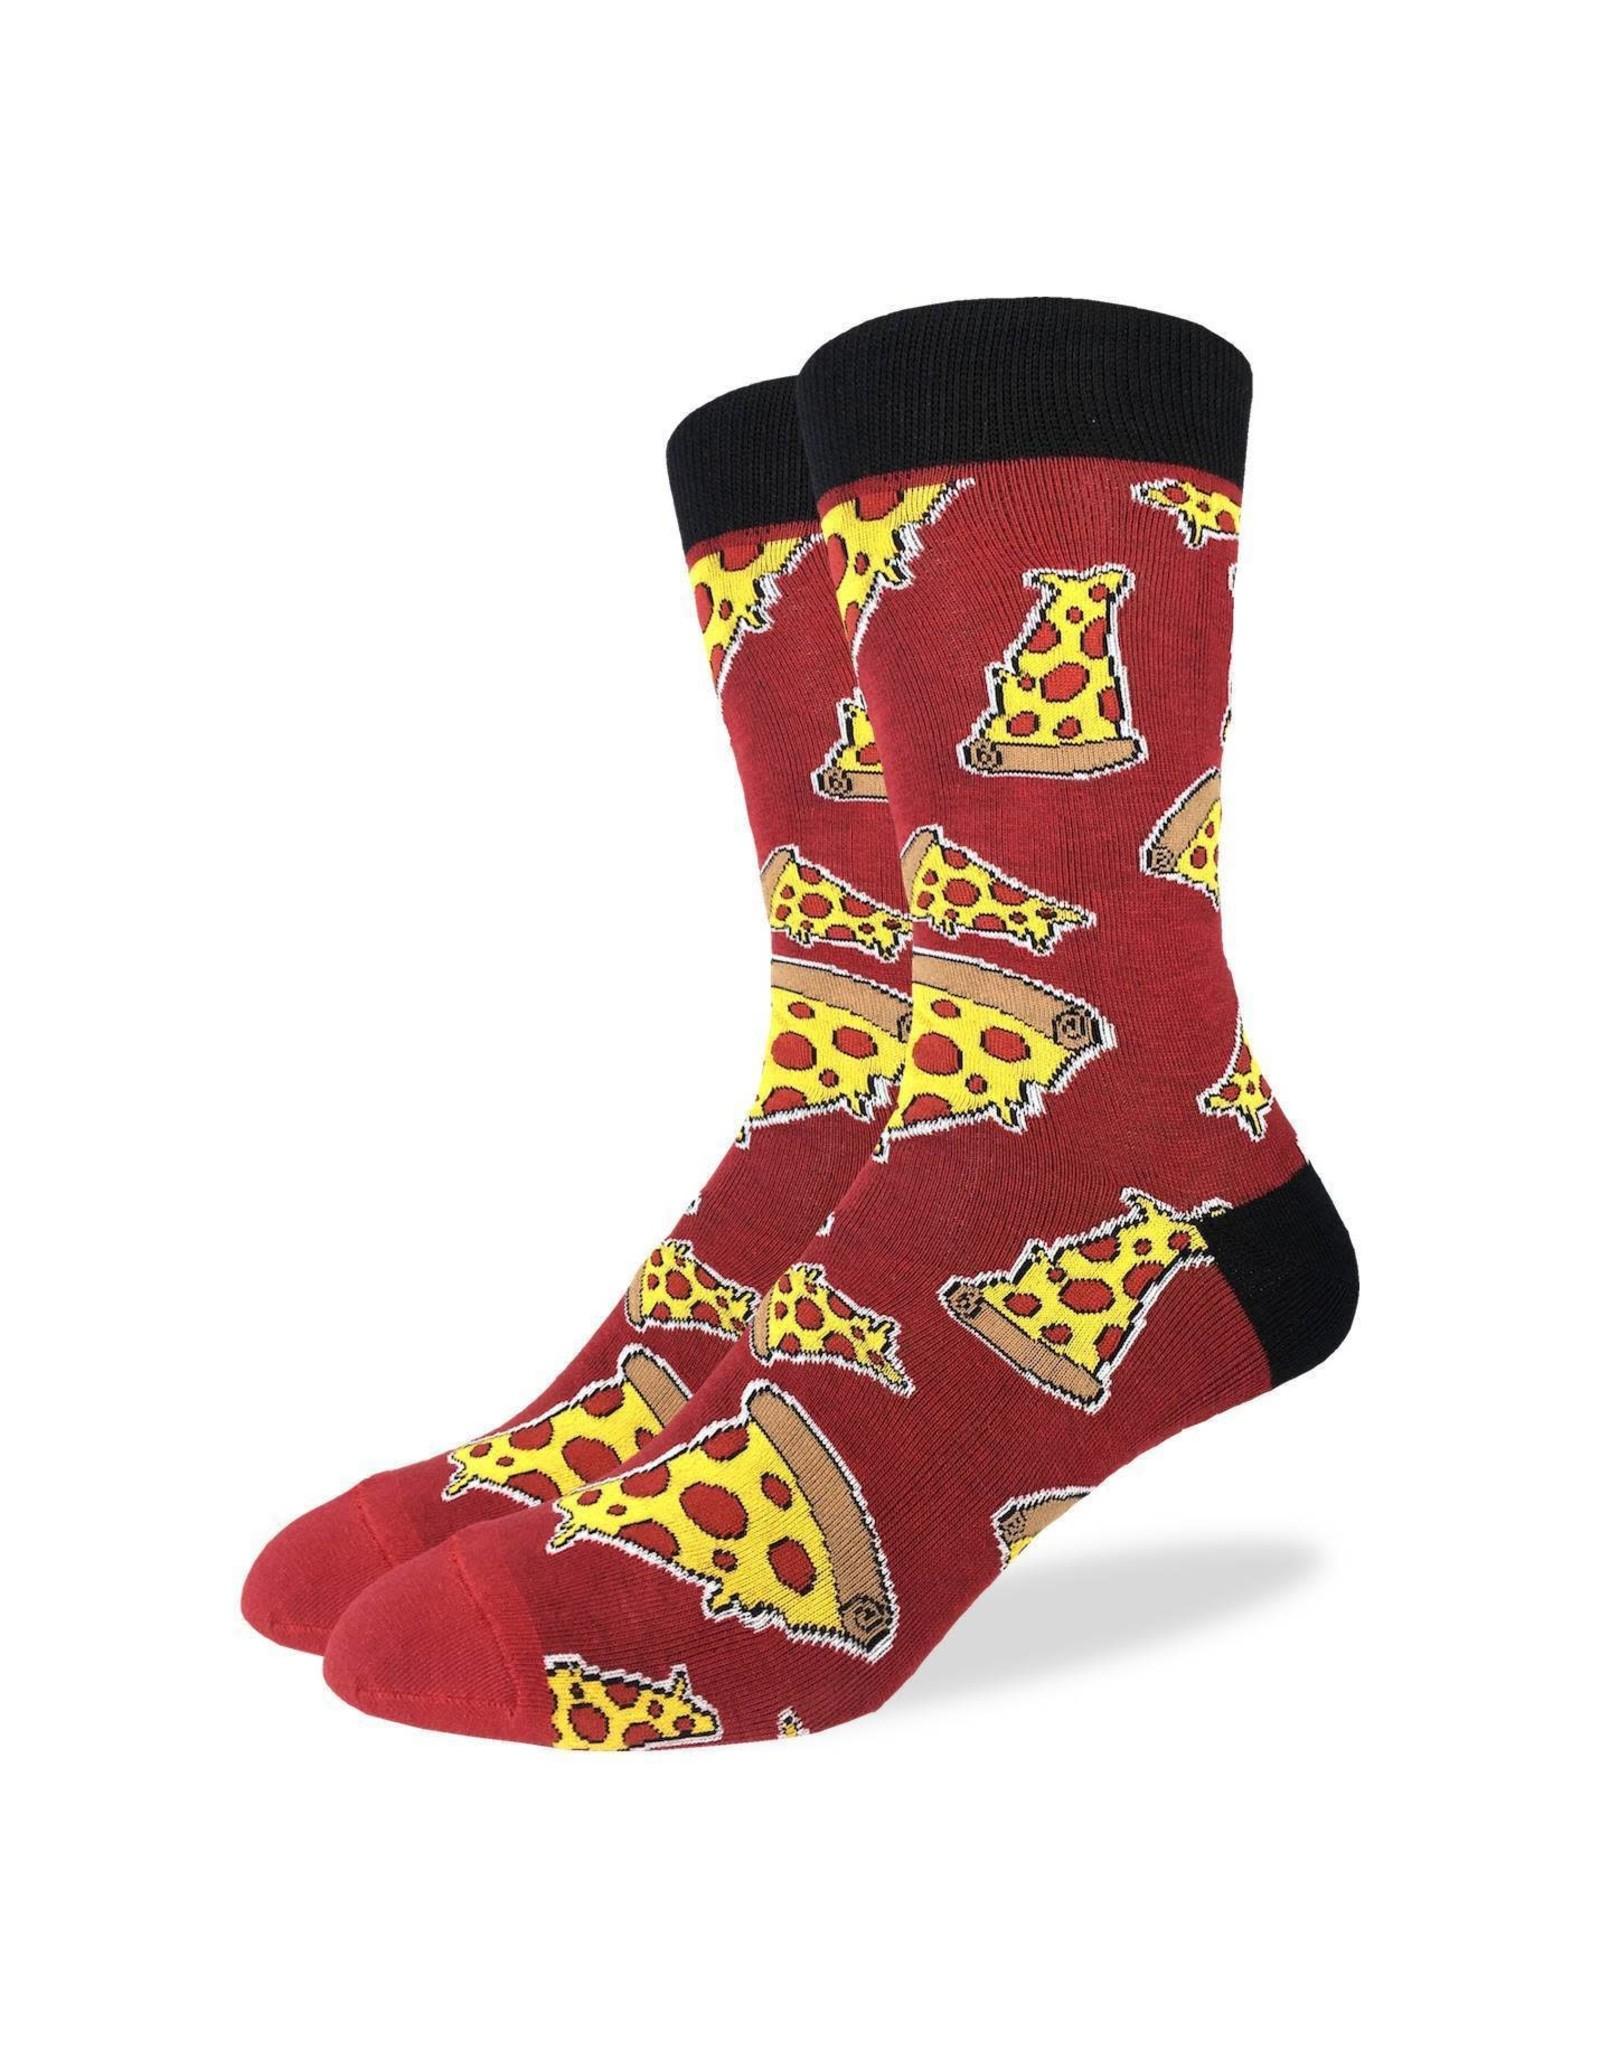 Good Luck Sock Pizza Socks, 7-12